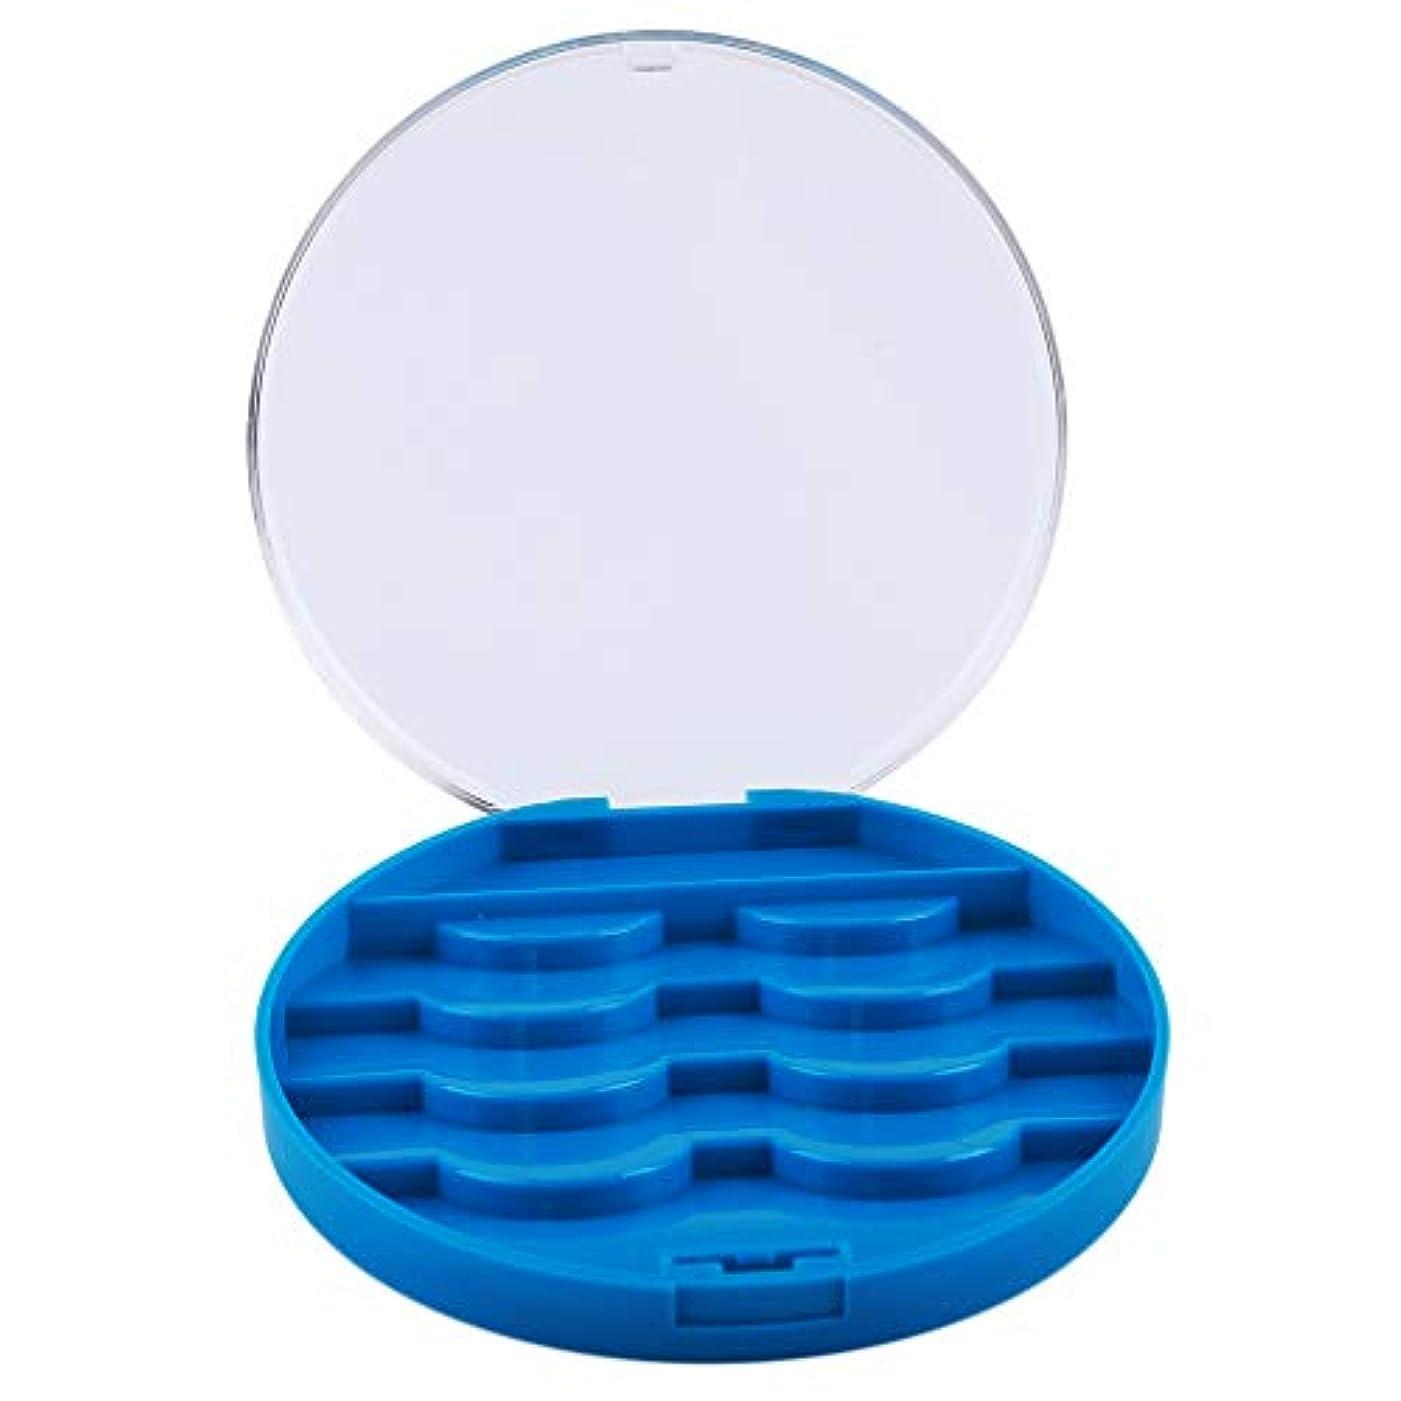 できれば徒歩でふさわしいJIOLK まつげケース 付けまつげ まつげ 収納ボックス 小物収納ケース 便利 メイクアップ 可愛 コンテナ ラッシュ ホルダー